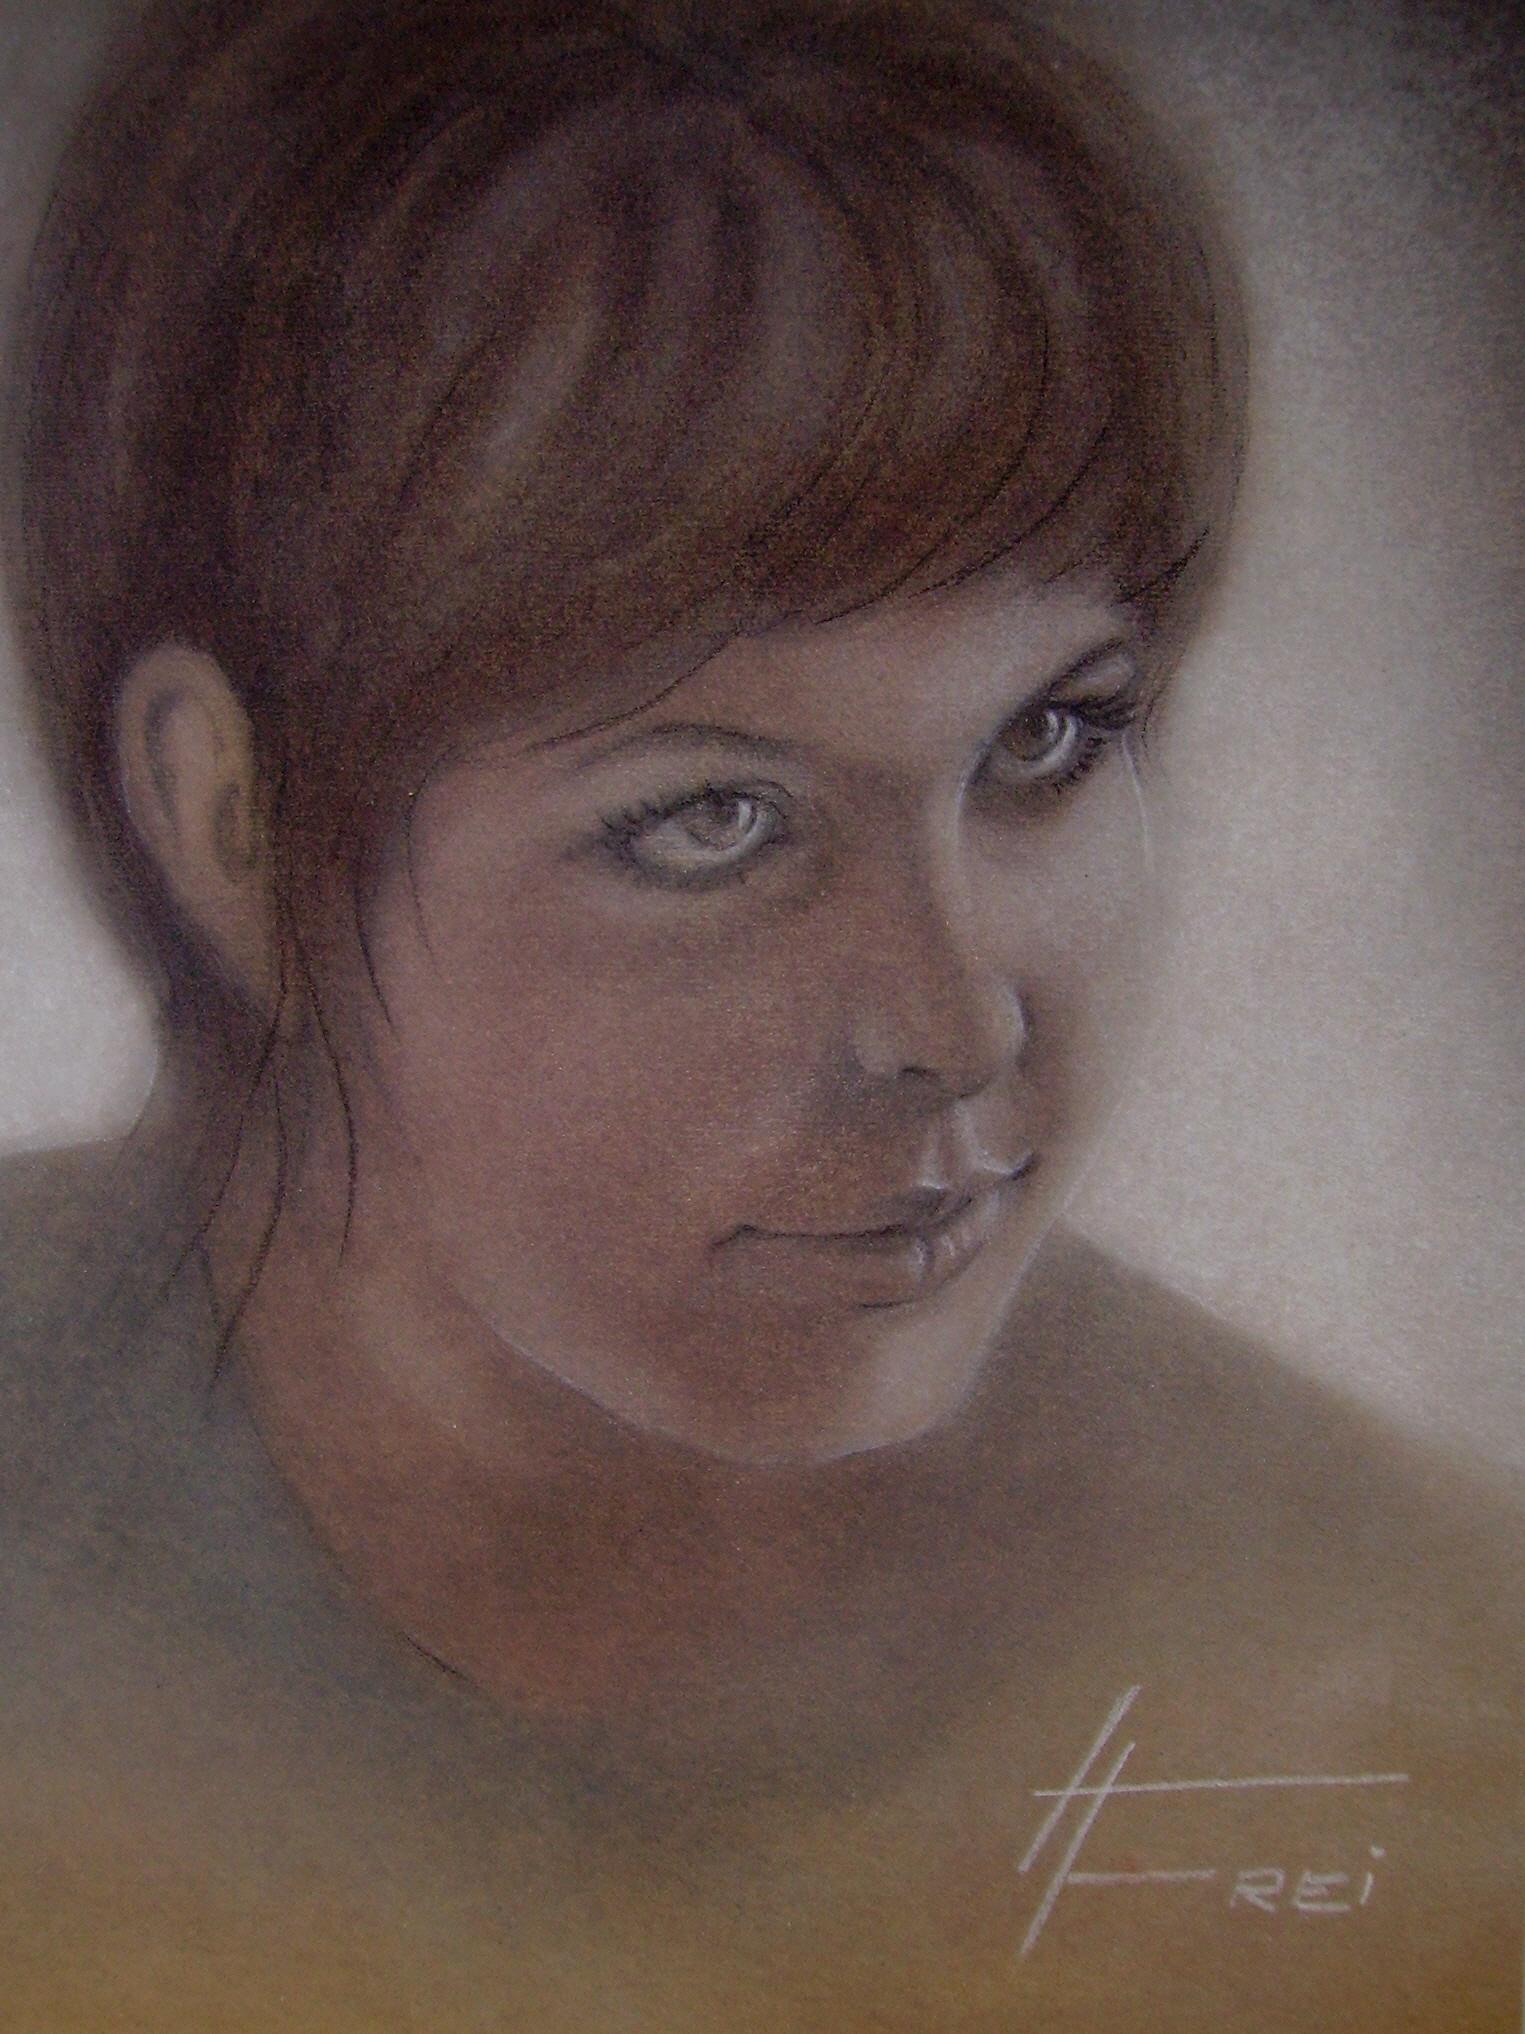 ART HFrei - Selbstportrait (Jugendzeit) - Pastell